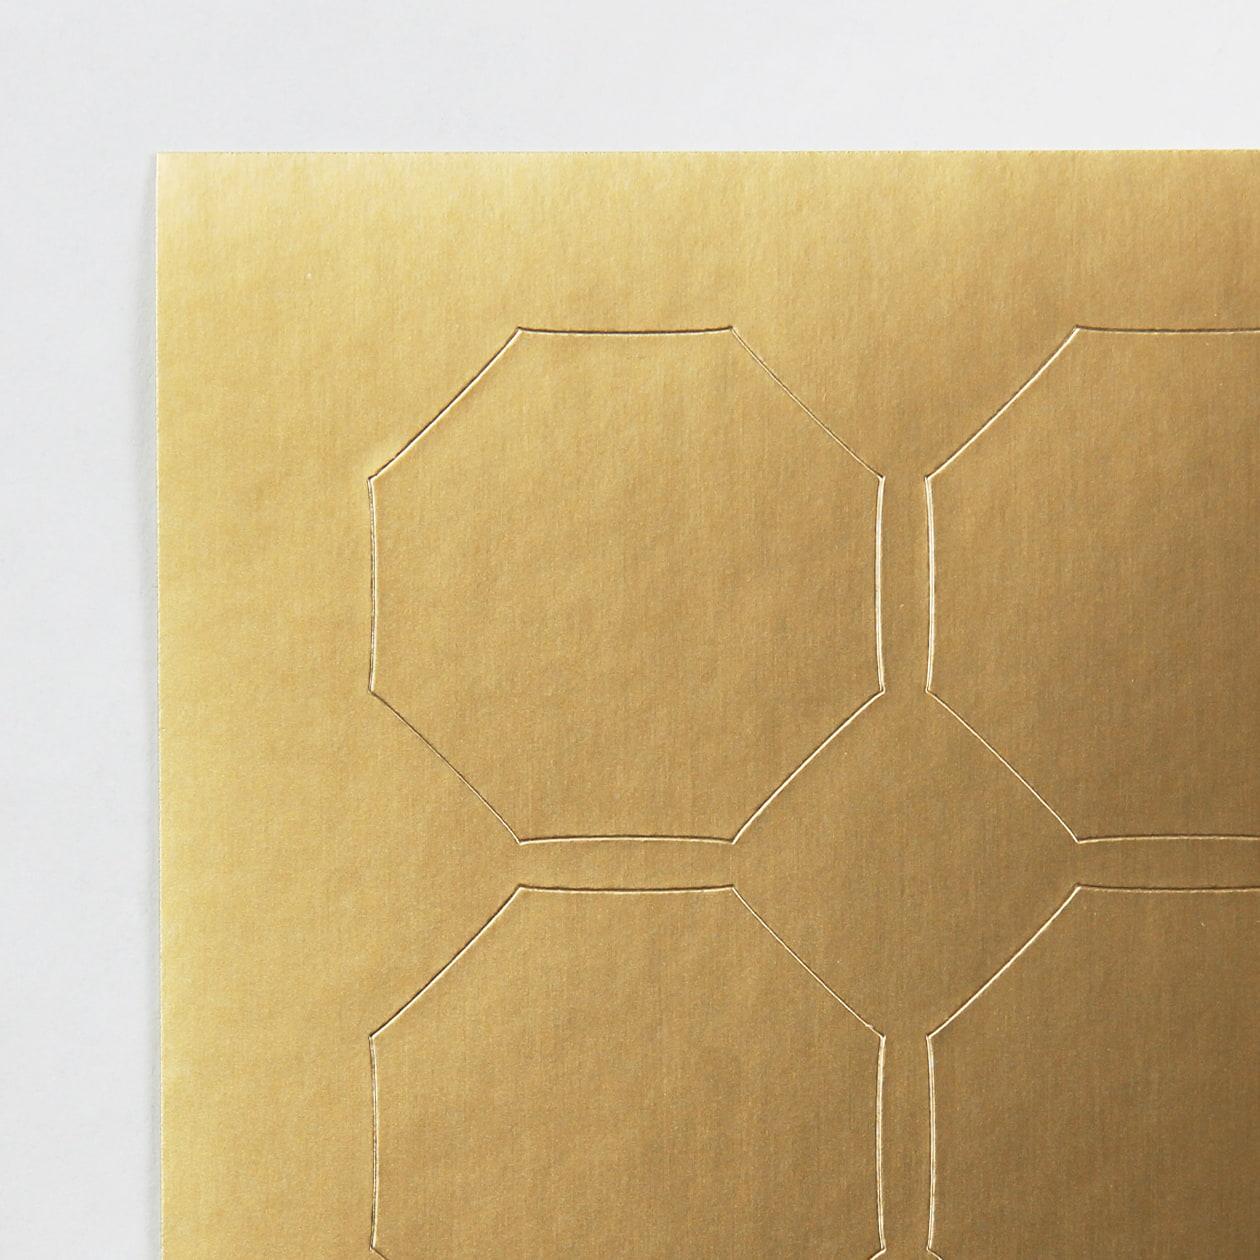 シール 八角形 ゴールド